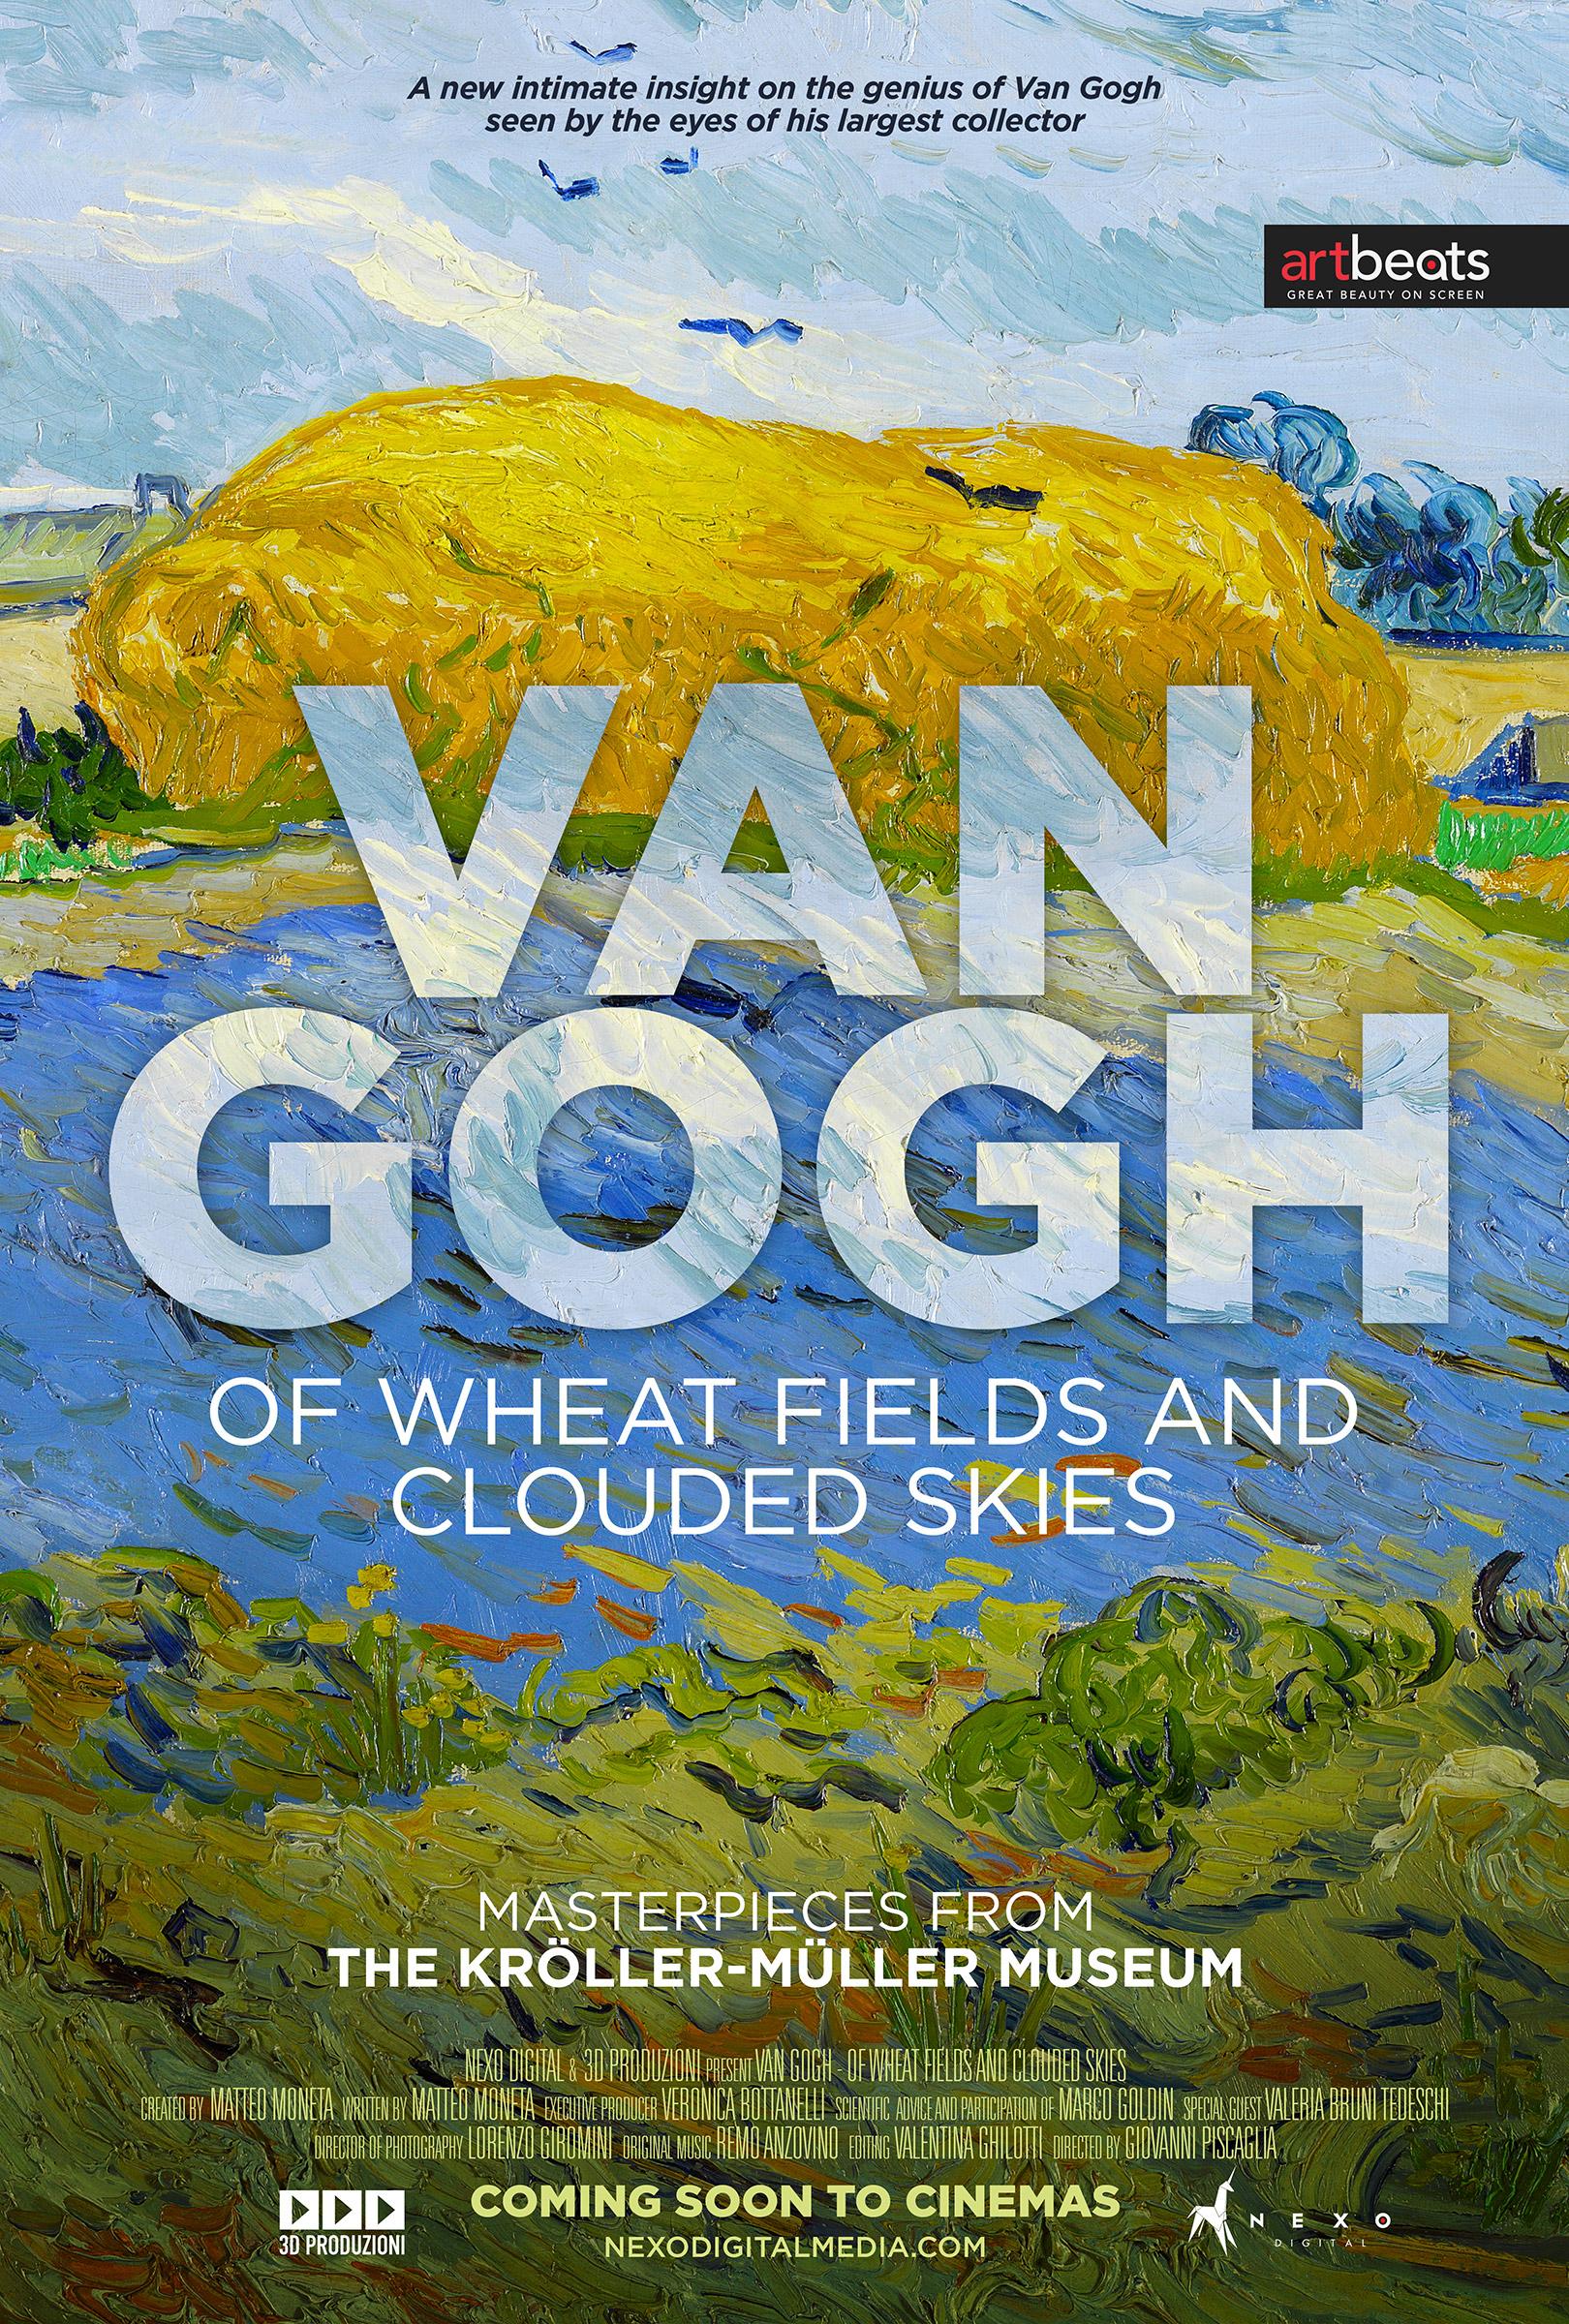 Van Gogh - vehnäpeltoja ja pilvisiä taivaita